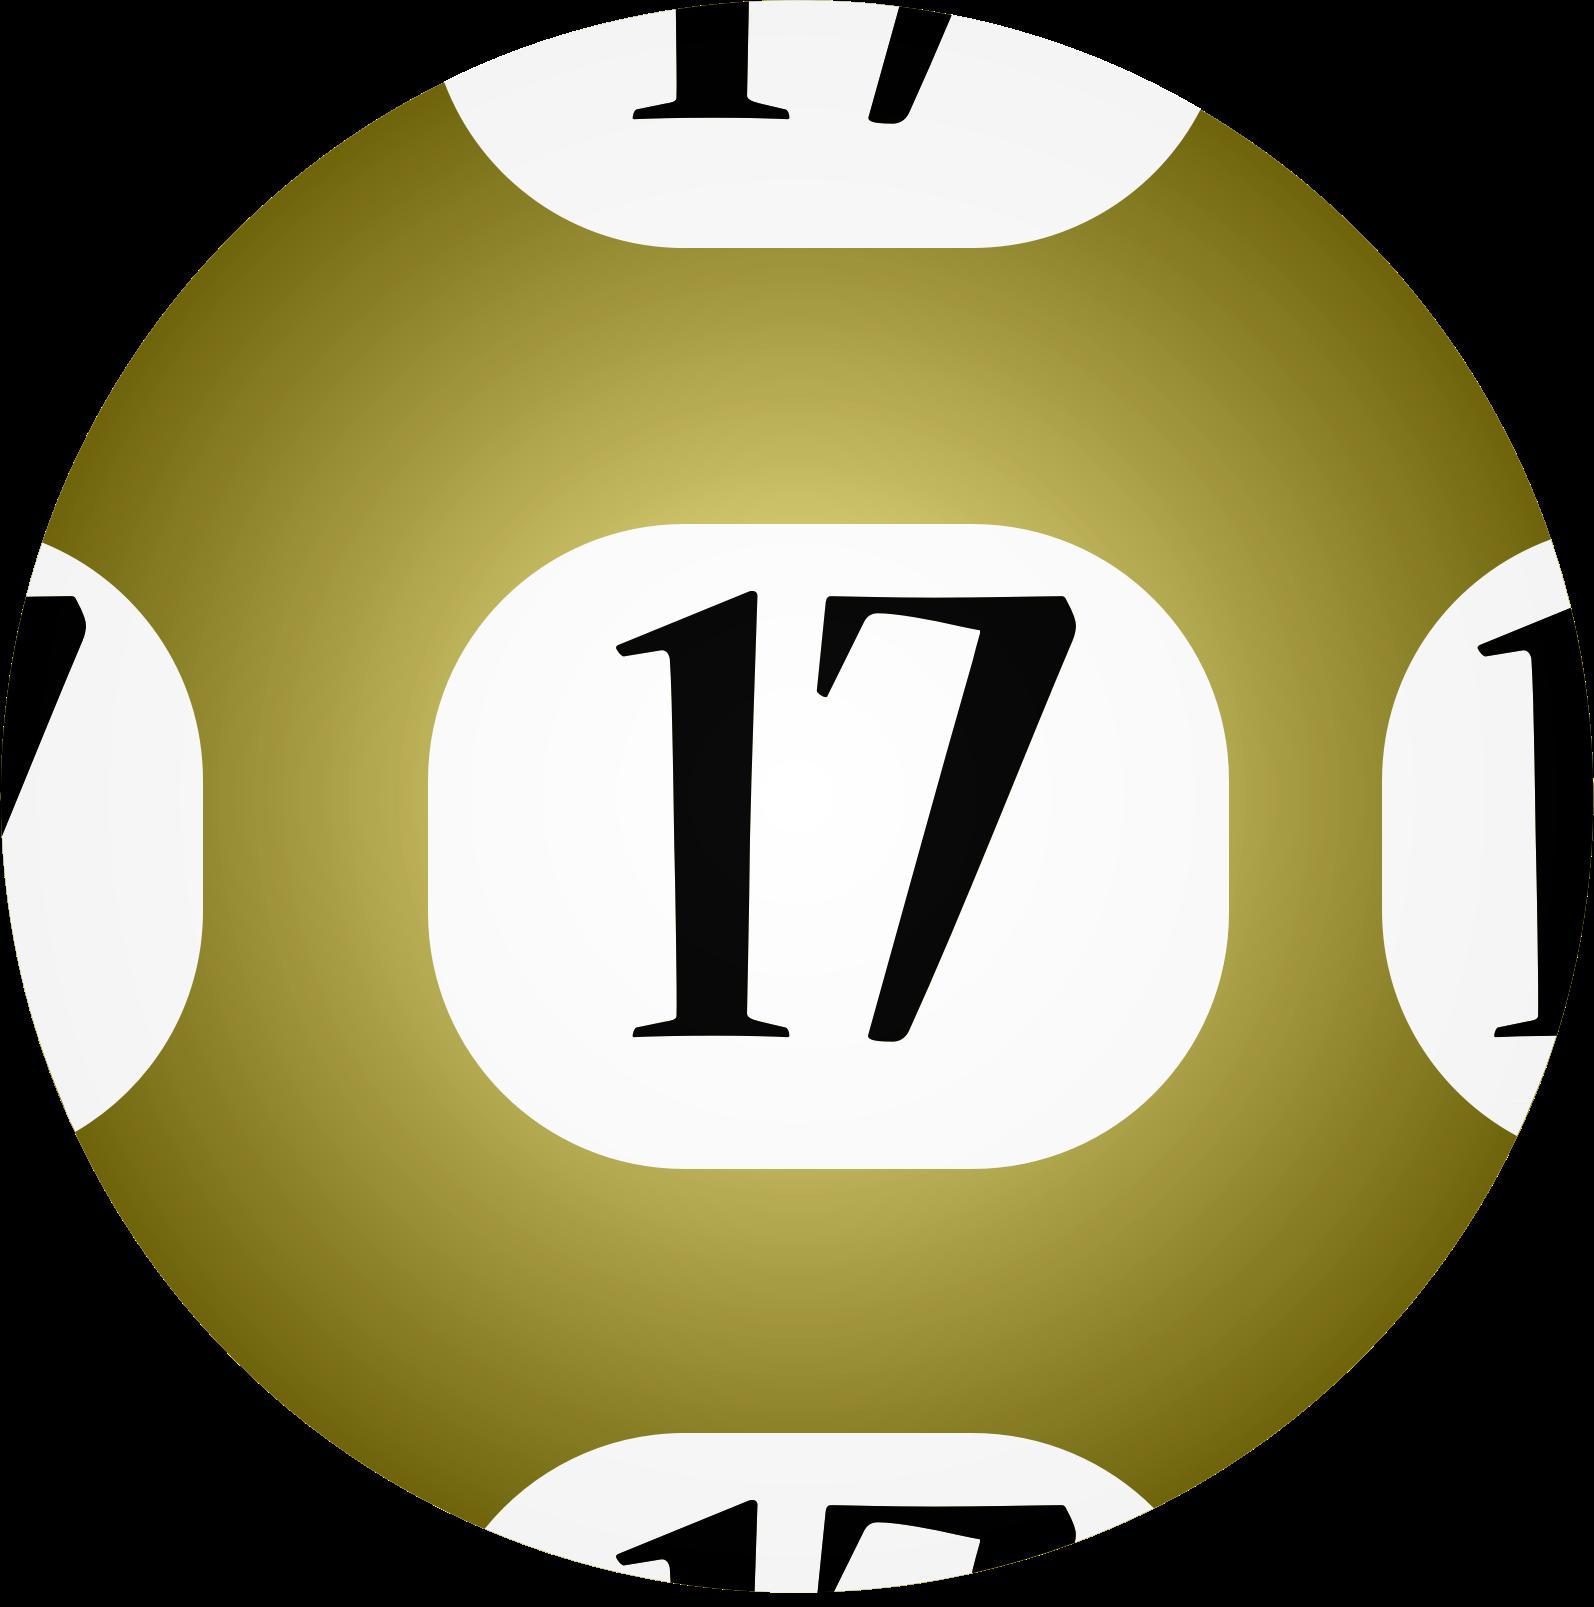 Clipart 17 Lotto Ball